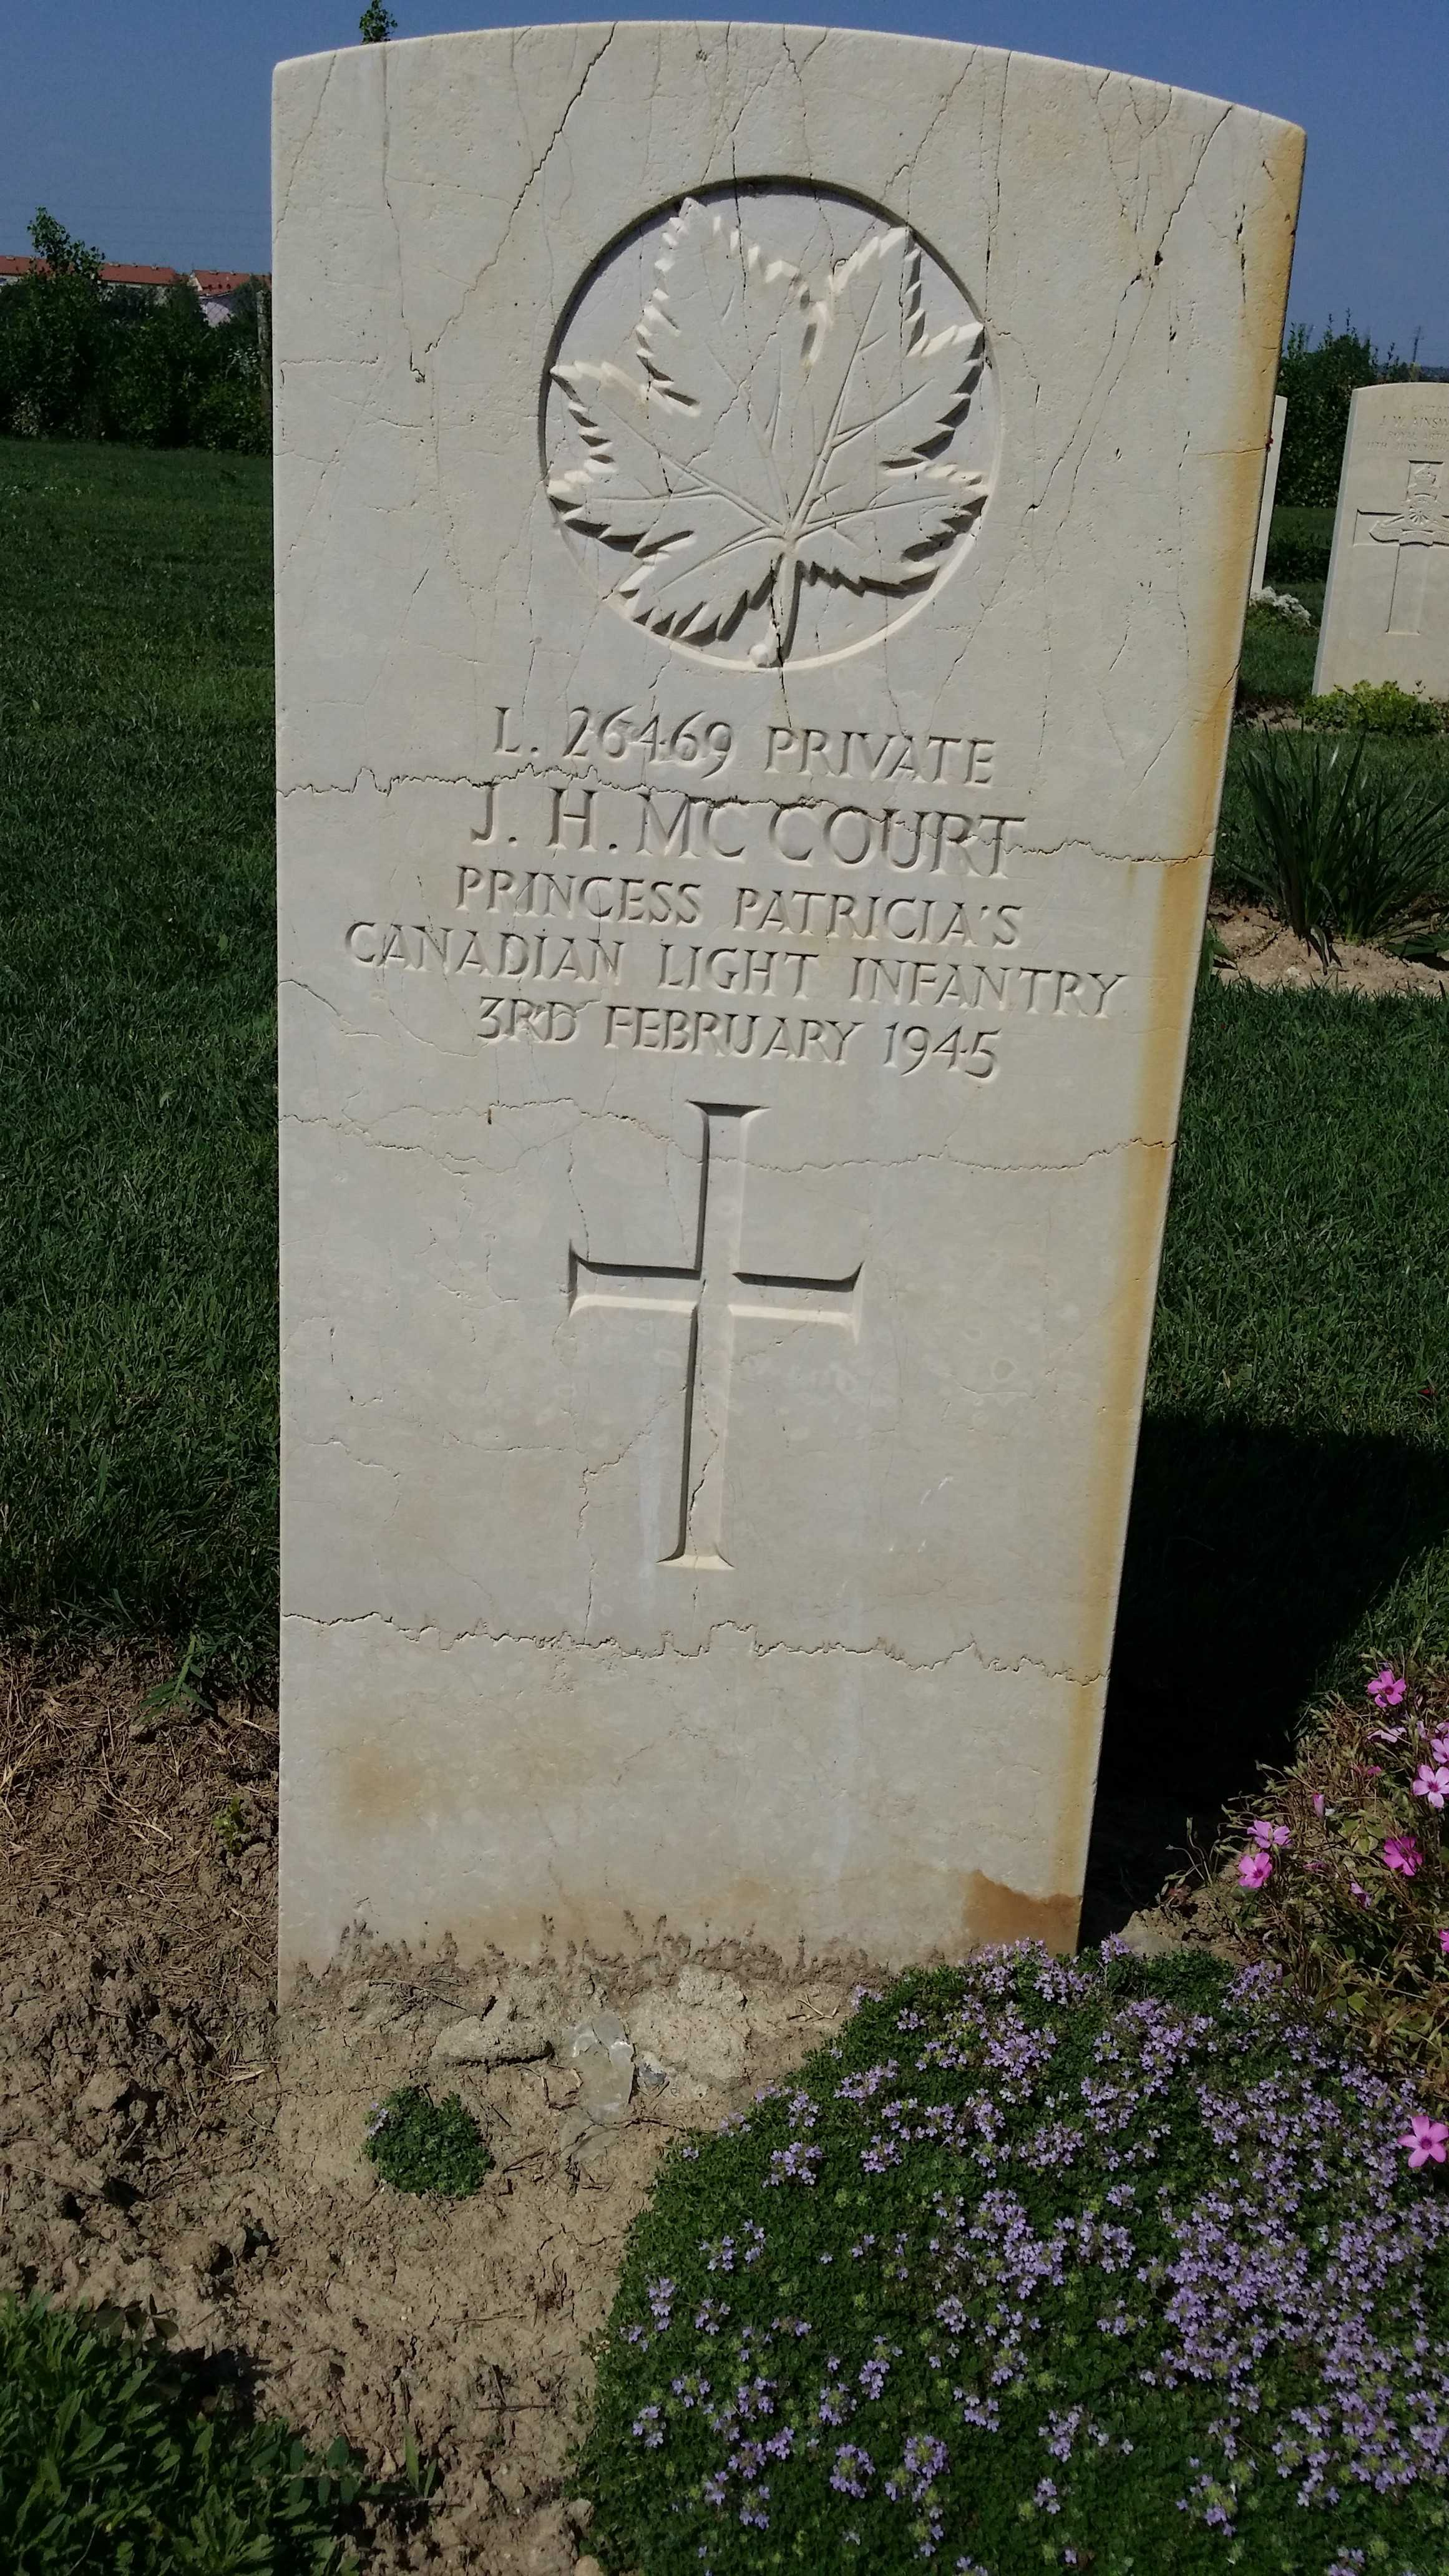 Grave marker– Fallen member of The PPCLI. JH MCCourt